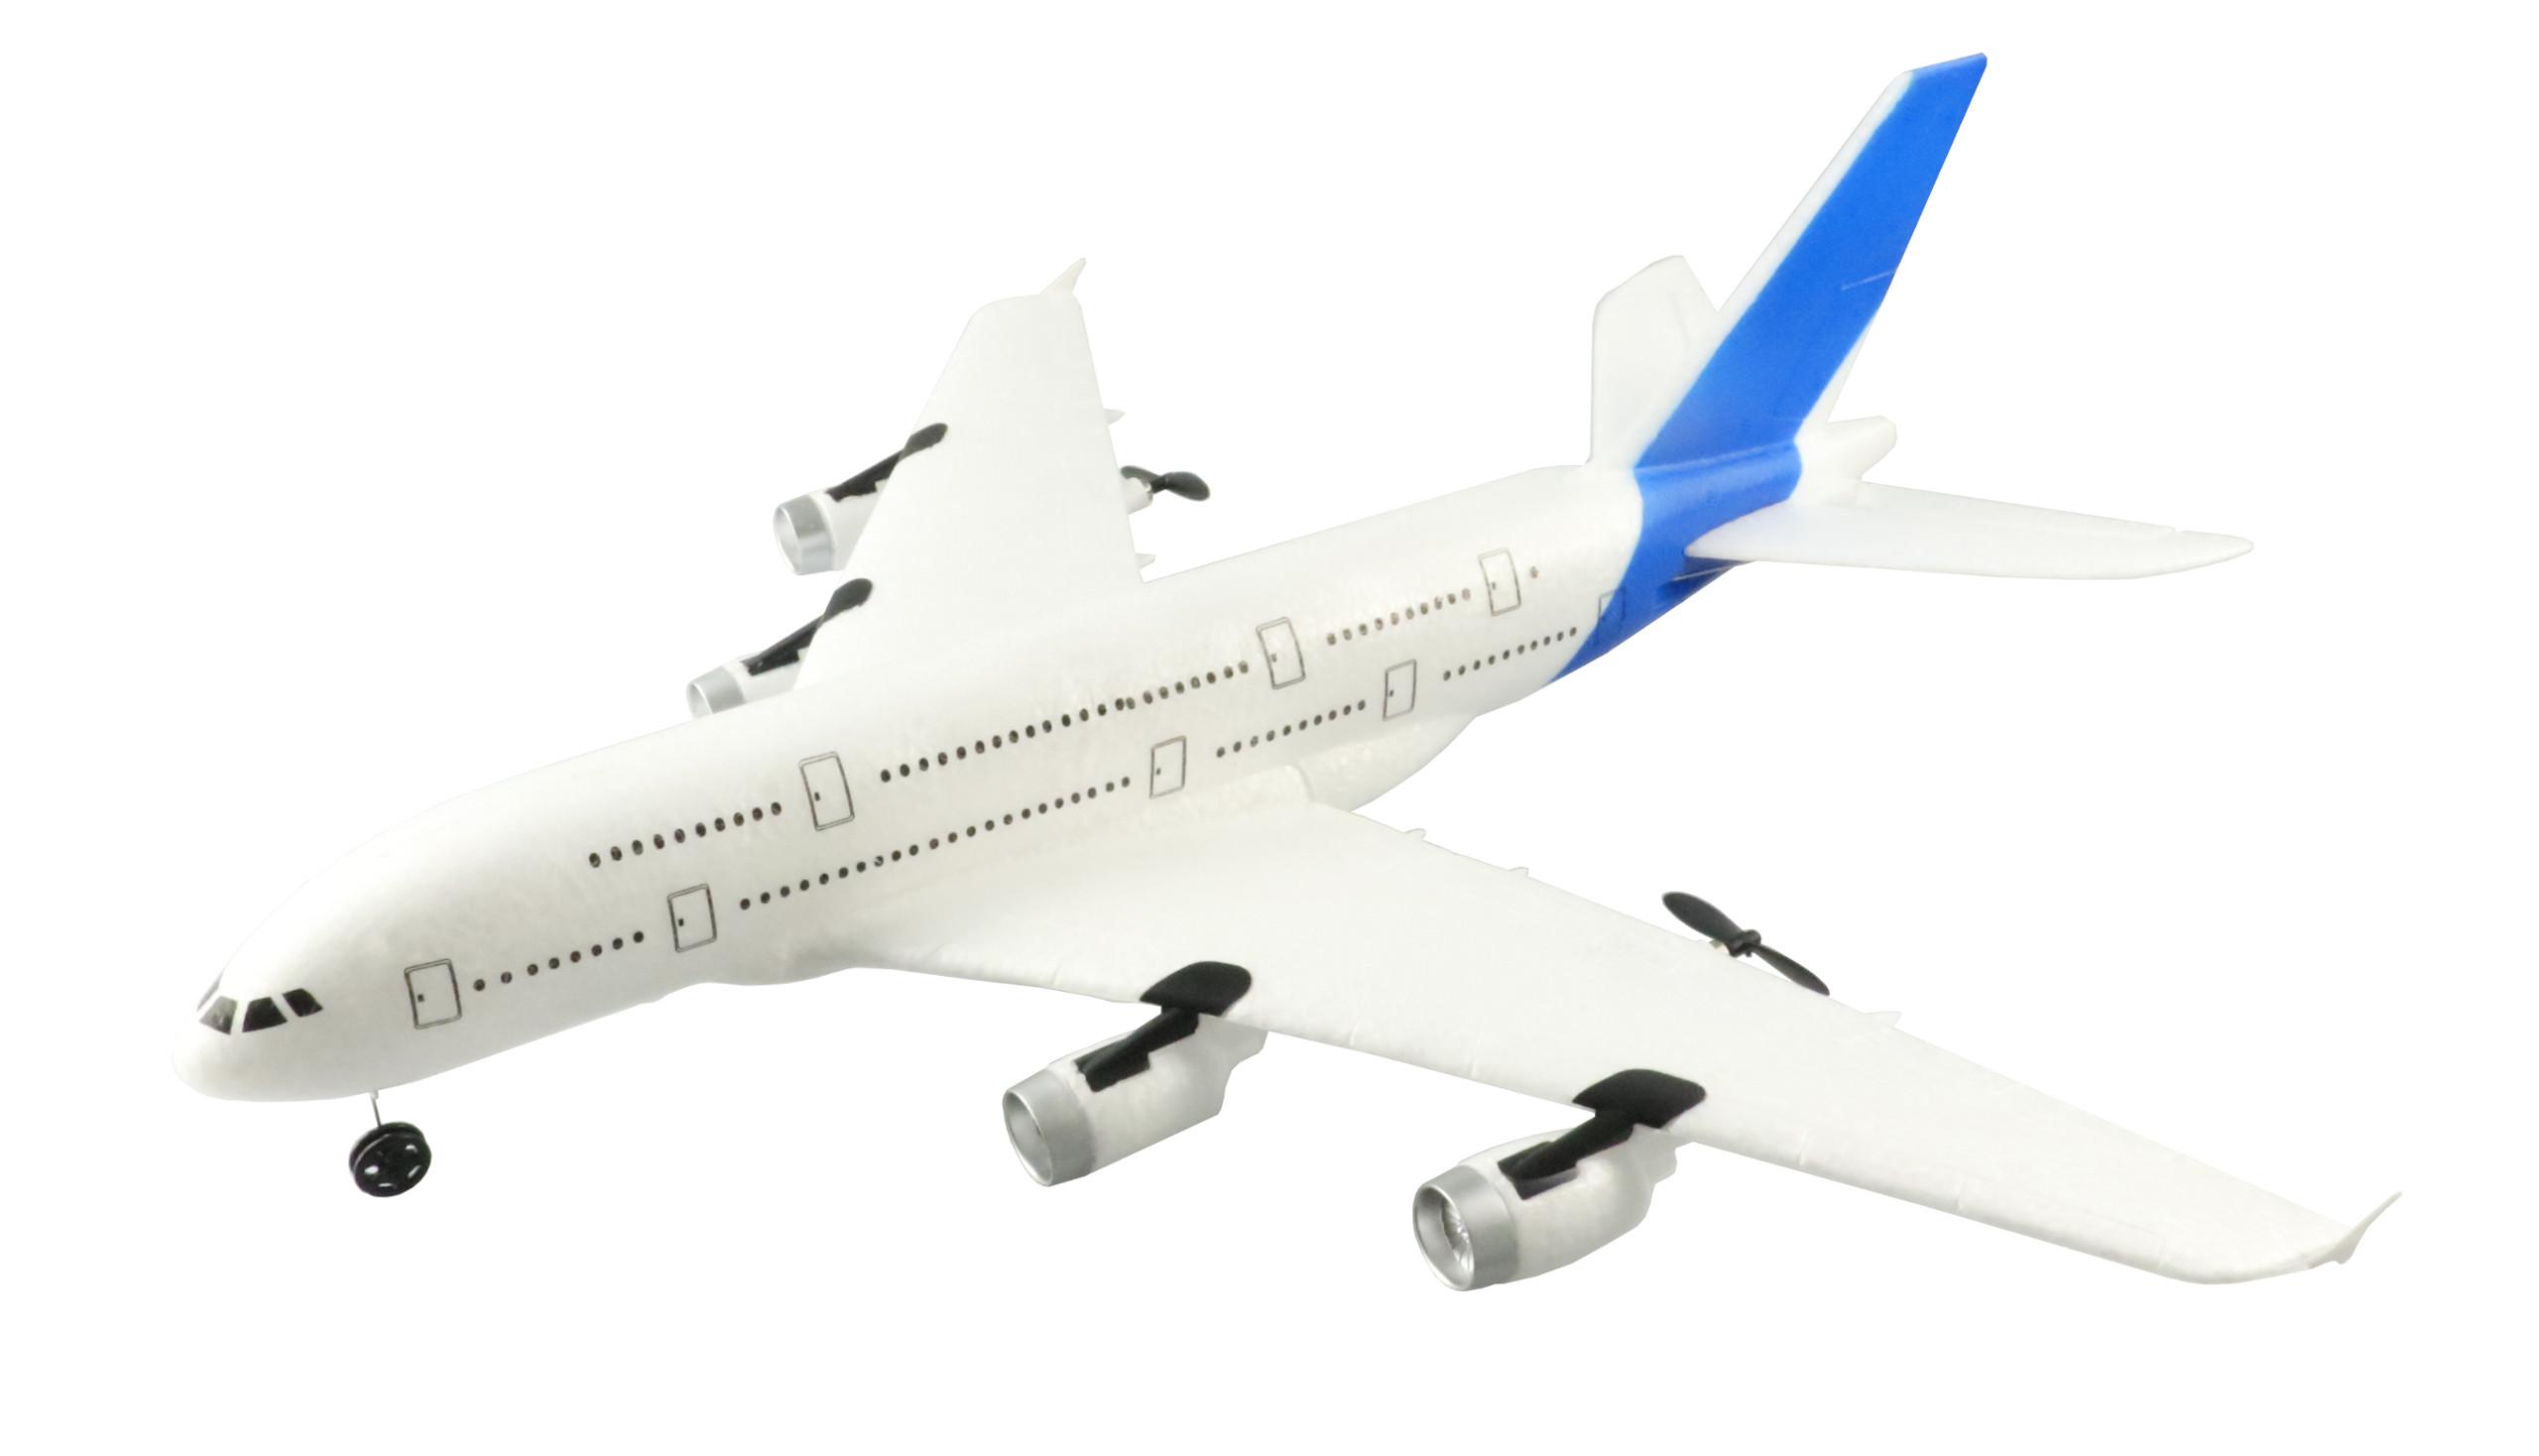 AIRBUS A380 RC letadlo se stabilizací, 3ch - motory a výškovka, 510mm, RTF 2,4GHz, EPP